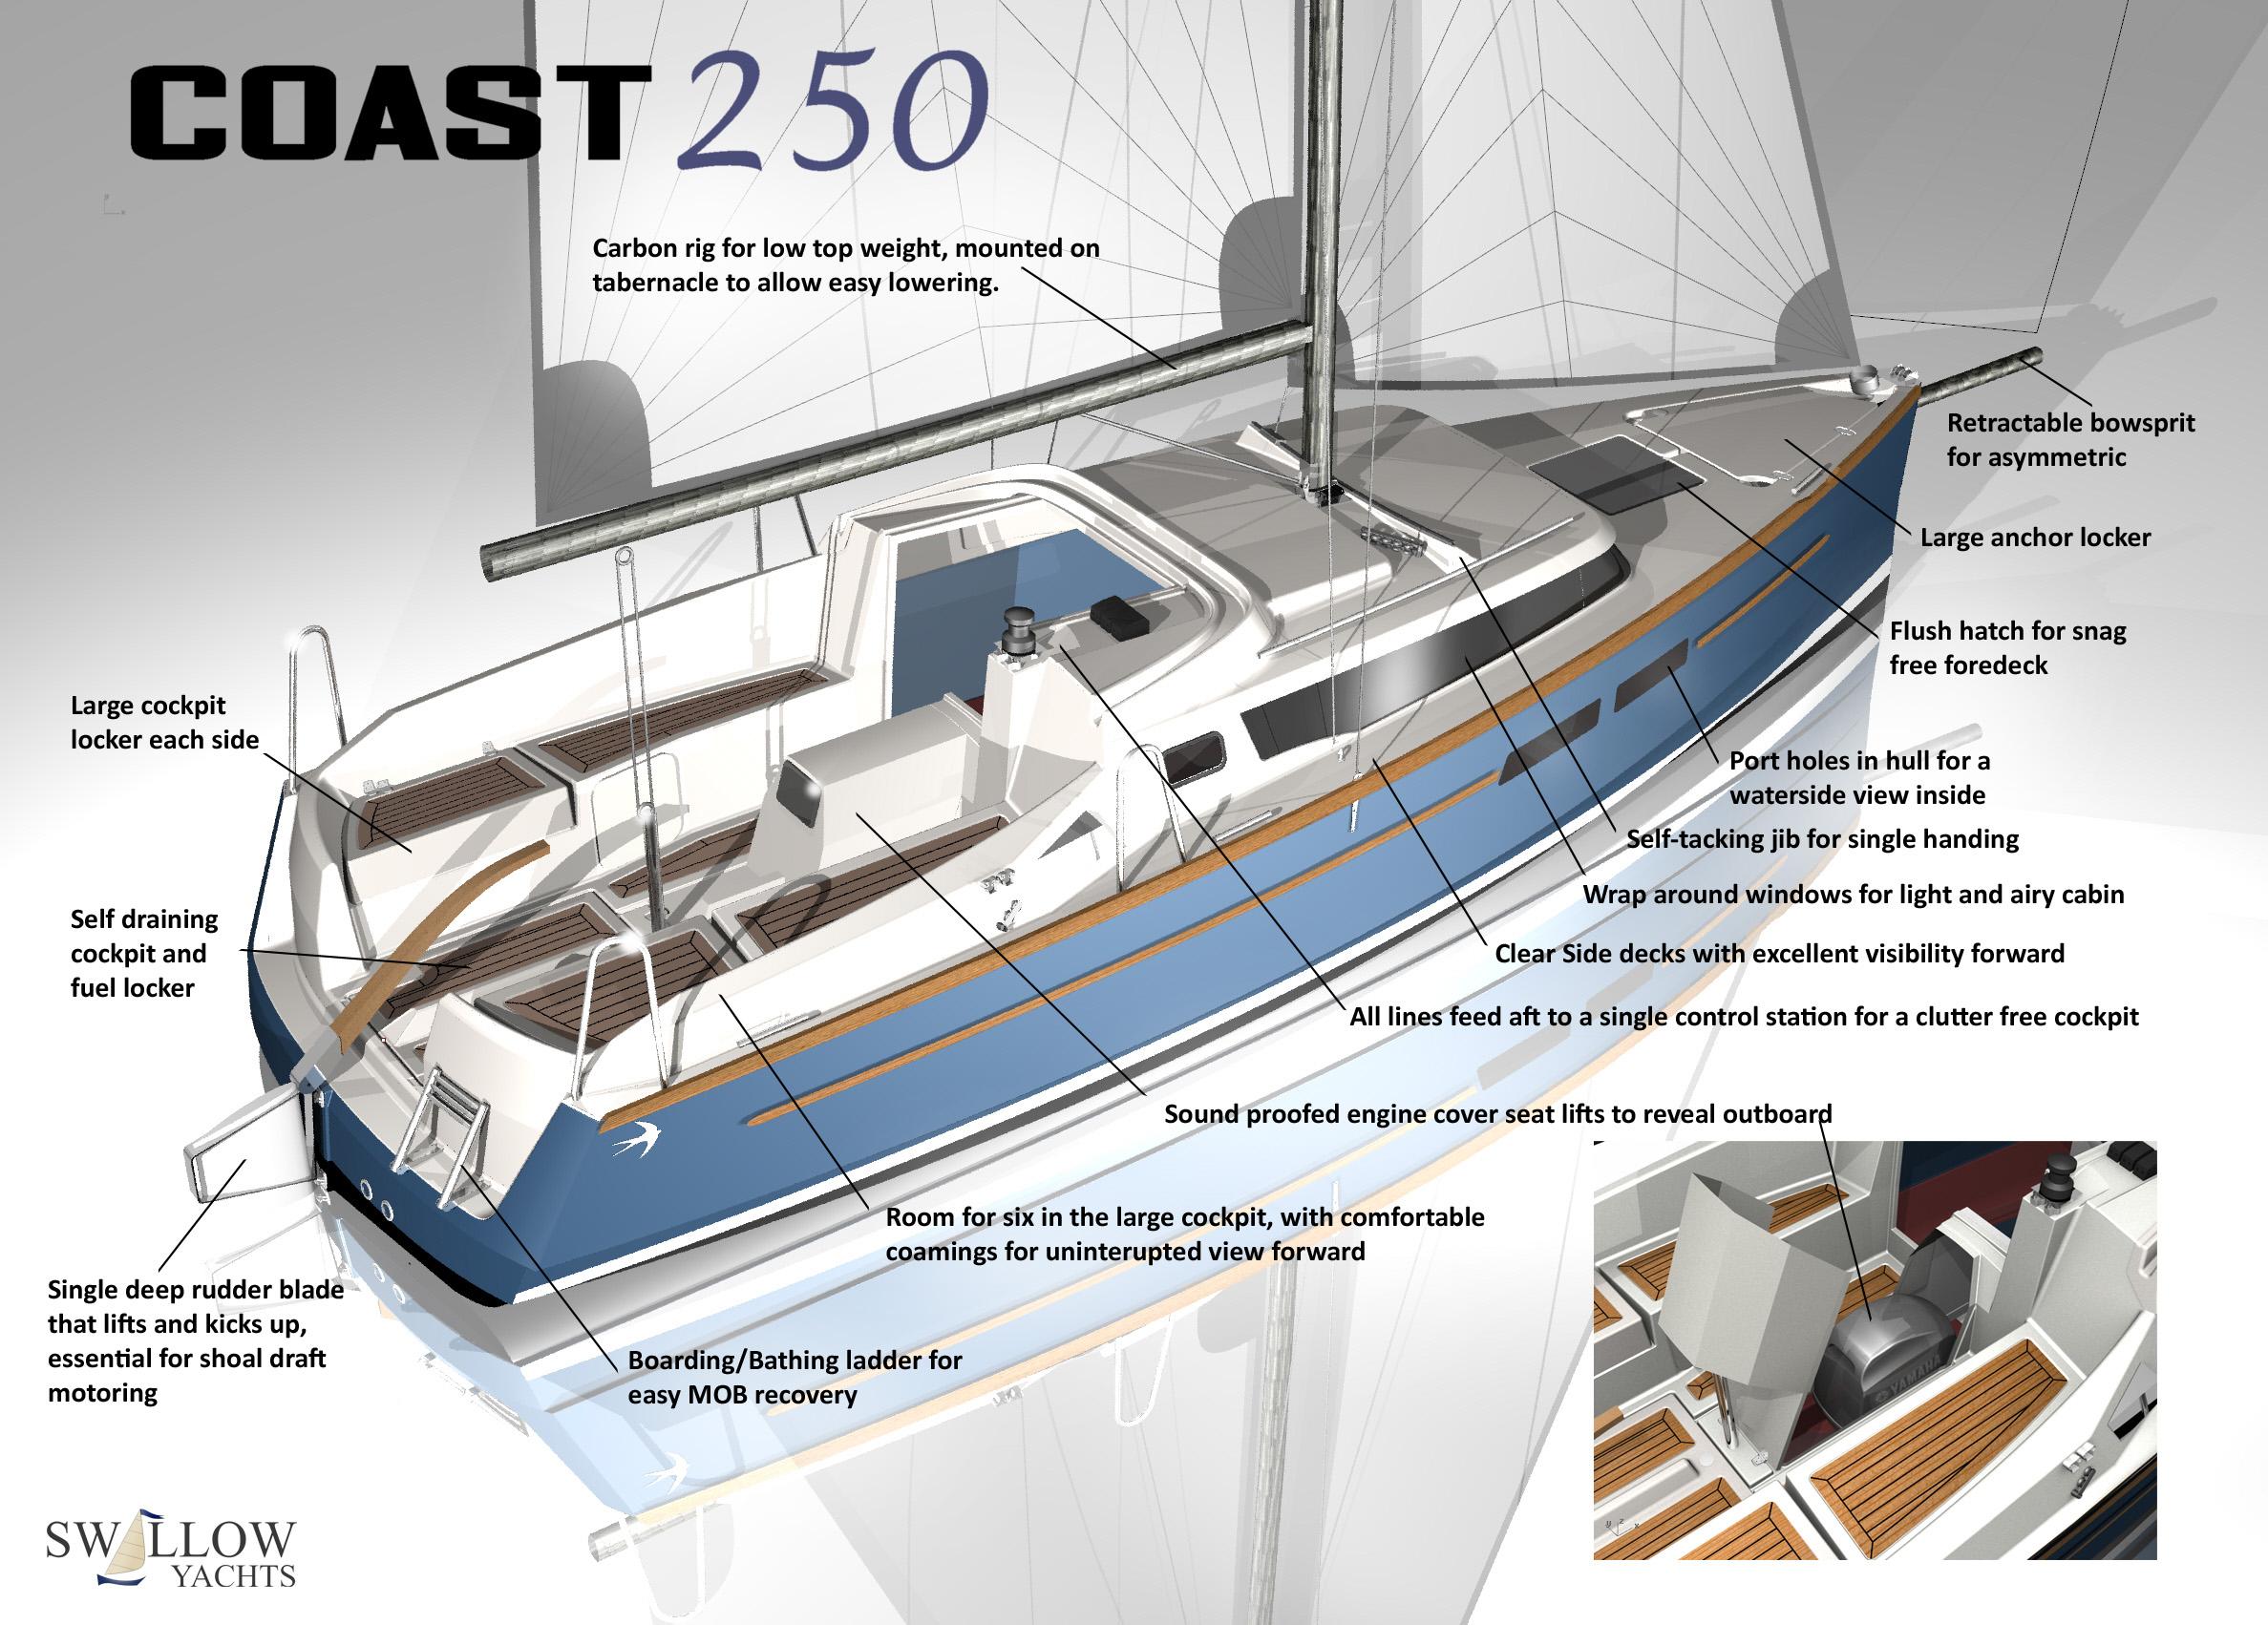 Coast 250 New Swallow Yachts